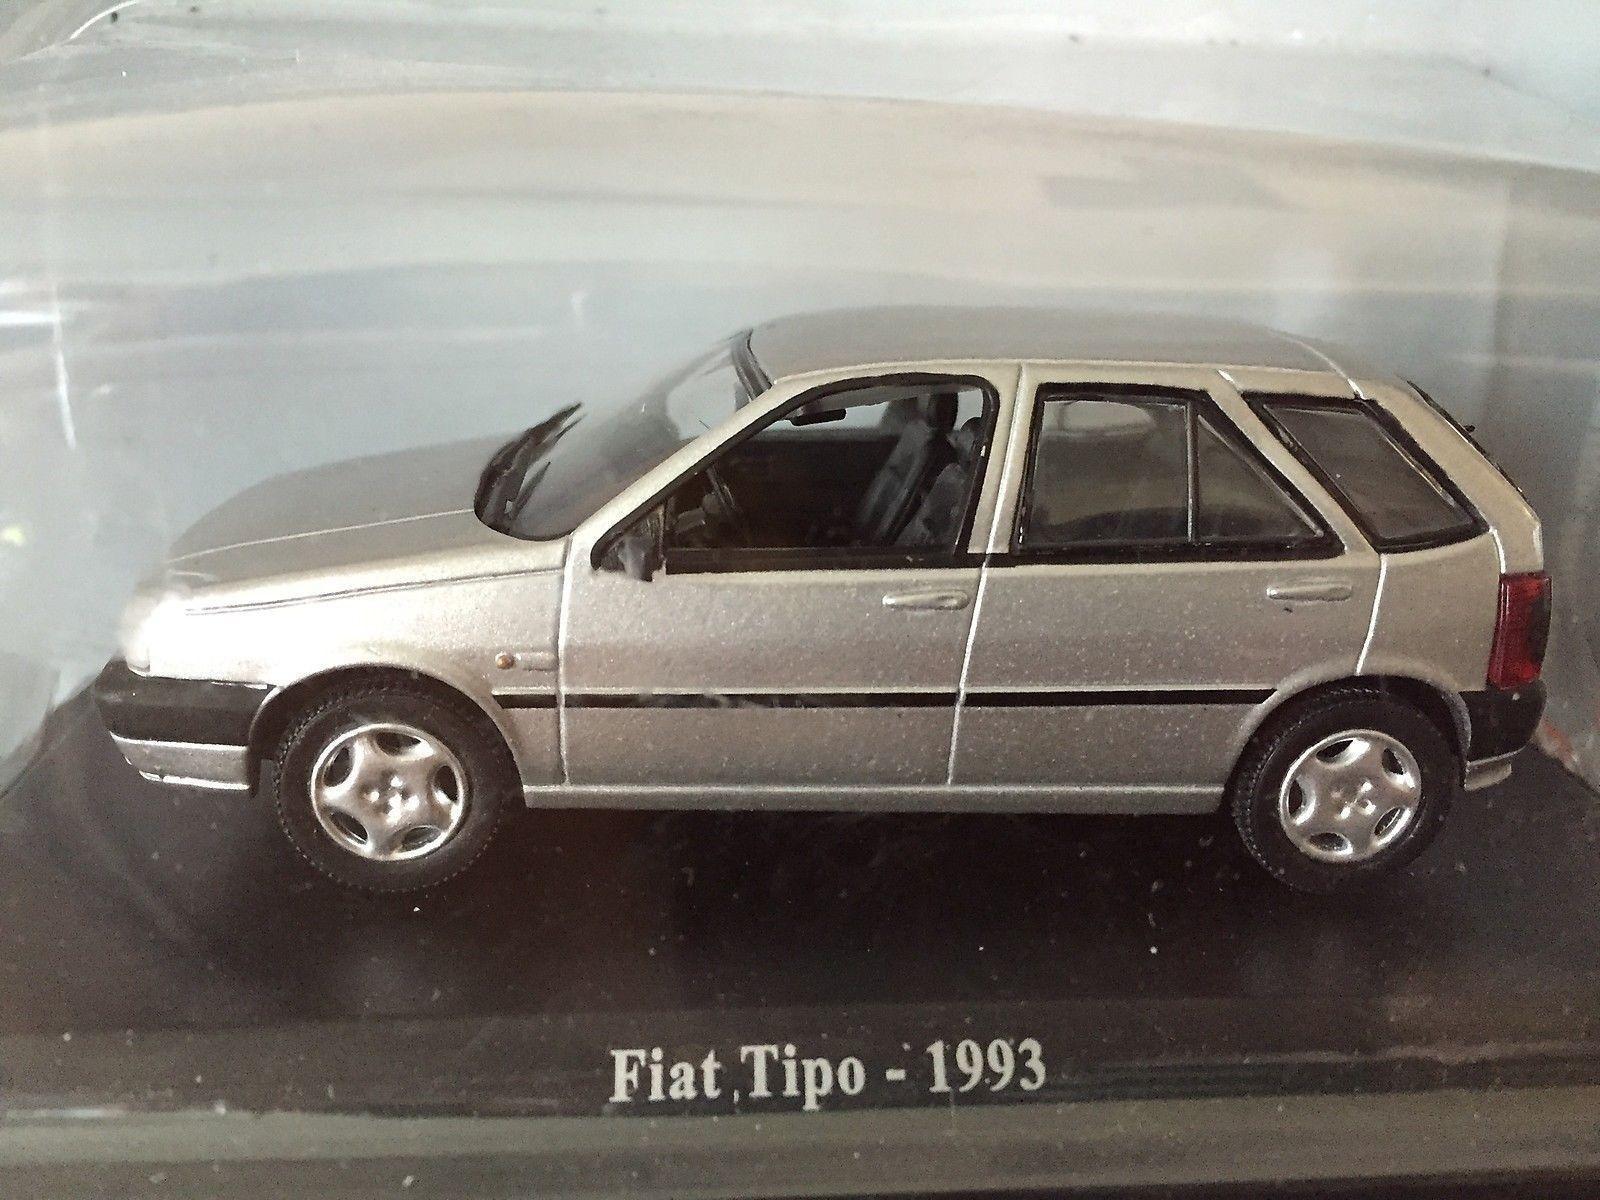 223 Fiat Tipo 1.9 Turbo Diesel 1993 grau - NOREV 1 43 - NOREV 1 43